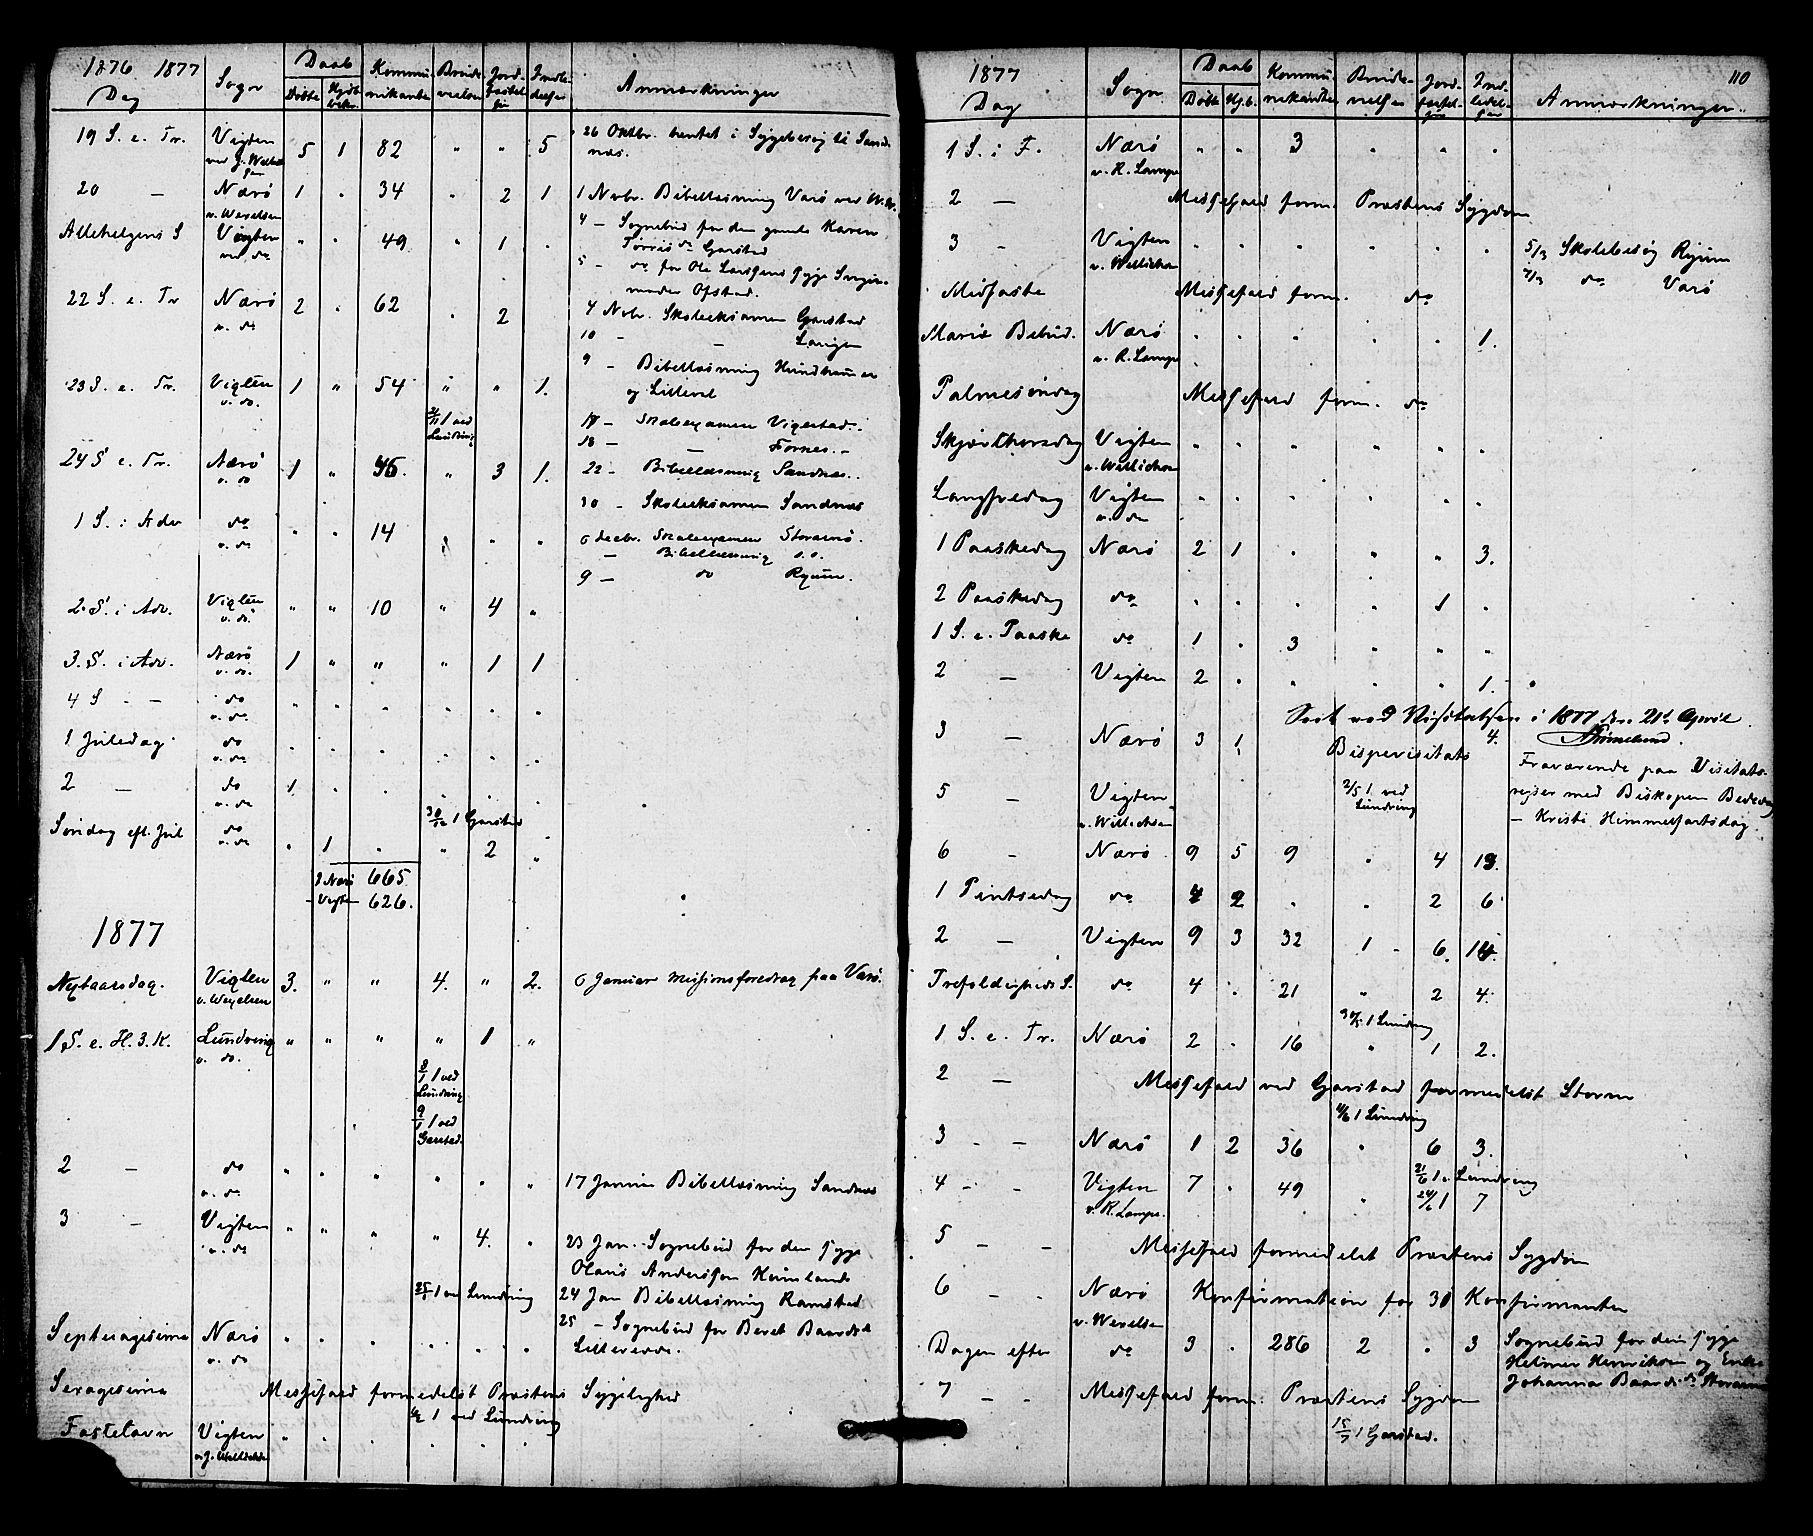 SAT, Ministerialprotokoller, klokkerbøker og fødselsregistre - Nord-Trøndelag, 784/L0671: Ministerialbok nr. 784A06, 1876-1879, s. 110